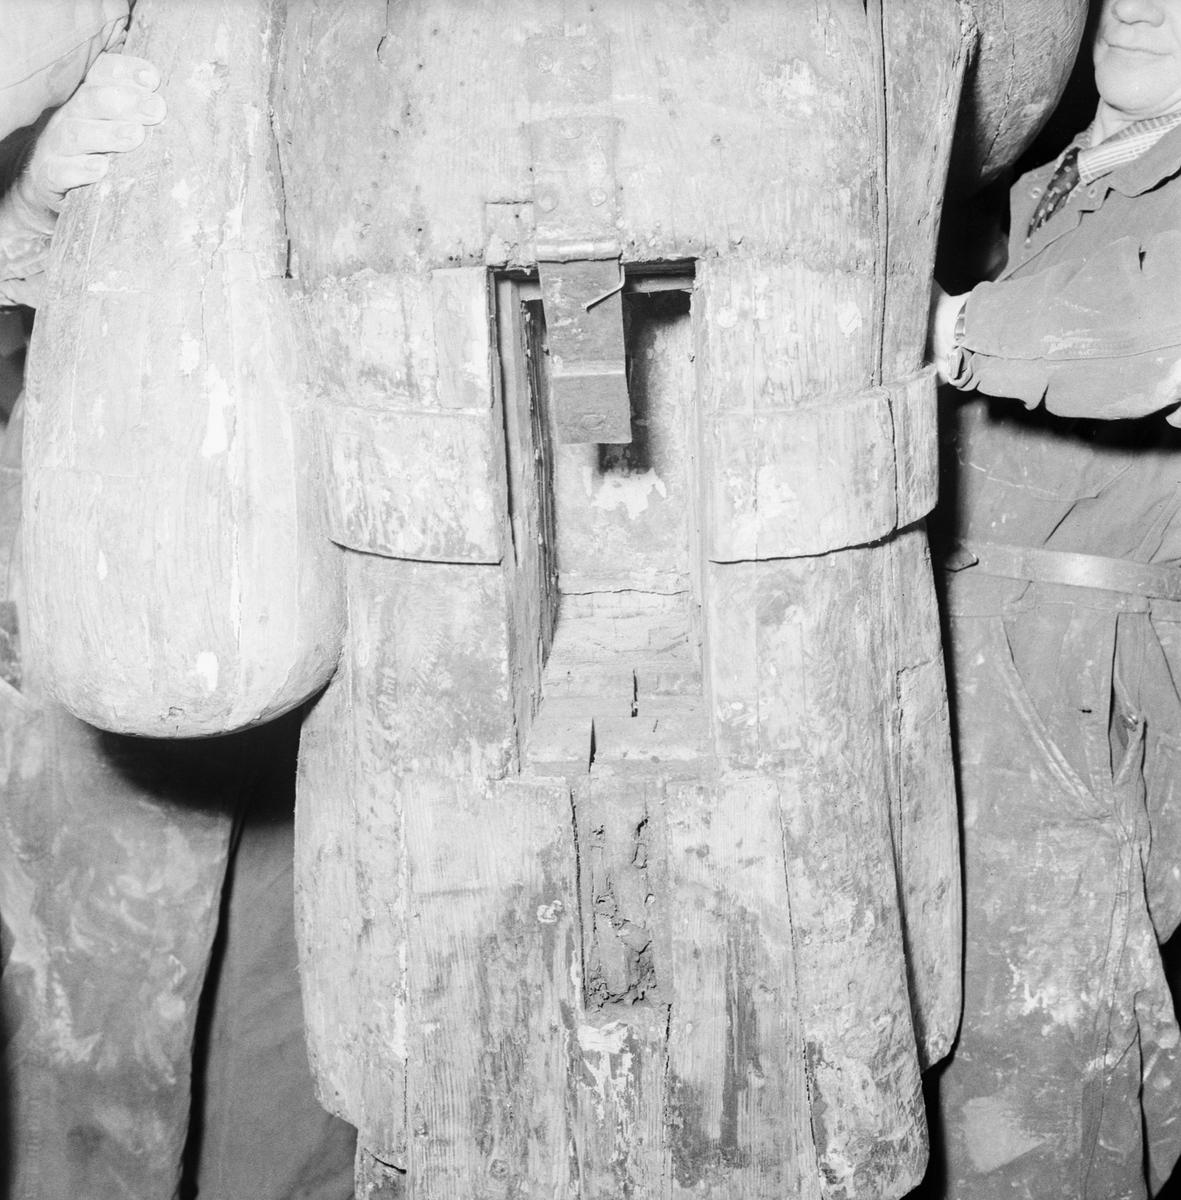 Övrigt: Foto datum: 22/3 1956 Byggnader och kranar Rosenbom detaljer av skador